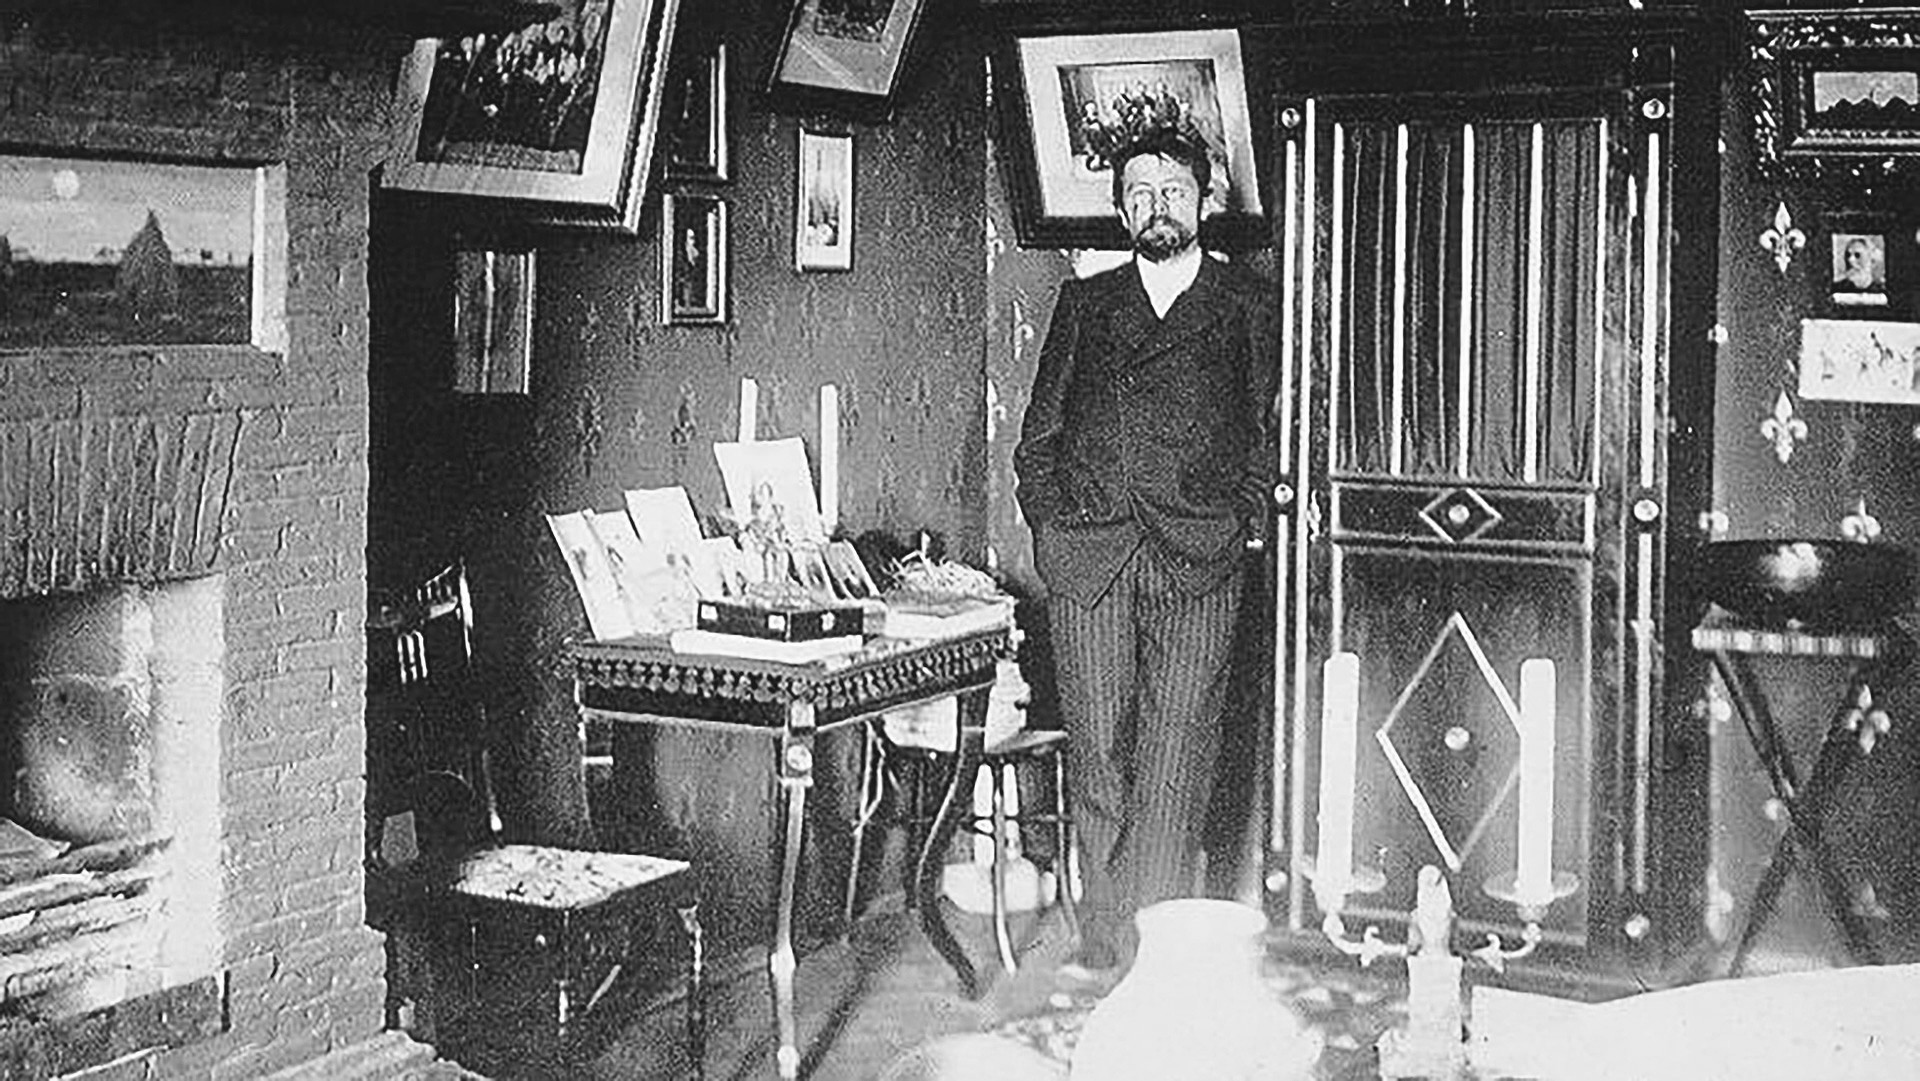 1898 verbrachte Tschechow viel Zeit auf der Krim, um seine Tuberkulose-Erkrankung zu heilen. Er kaufte sich sogar ein Häuschen dort, weil der das Klima so liebte. Heute befindet sich in seiner Datscha ein Tschechow-Museum.